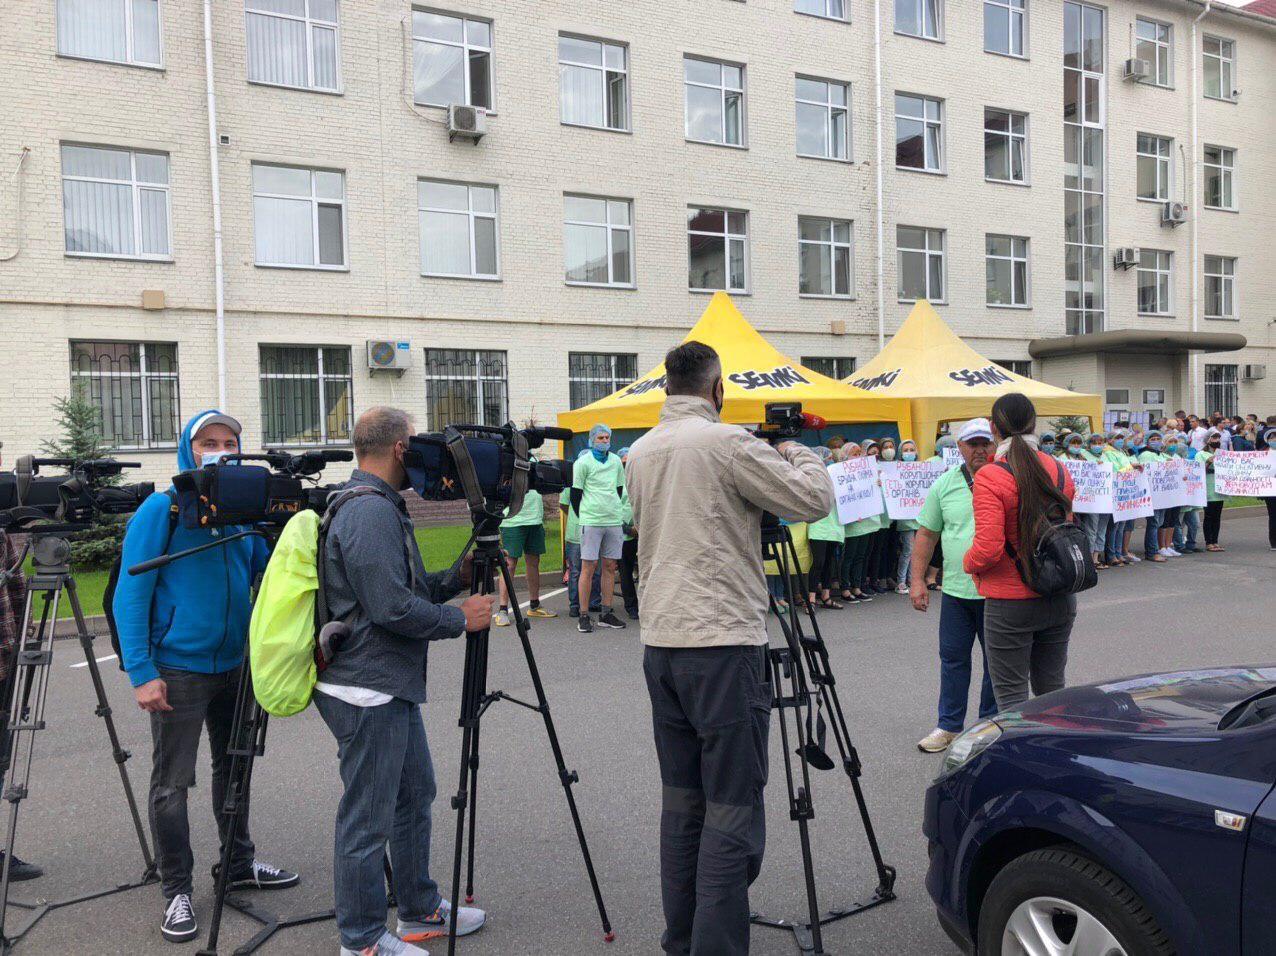 Колектив «Семок» вимагає звільнити прокурора Рубана з прокуратури - фото 2